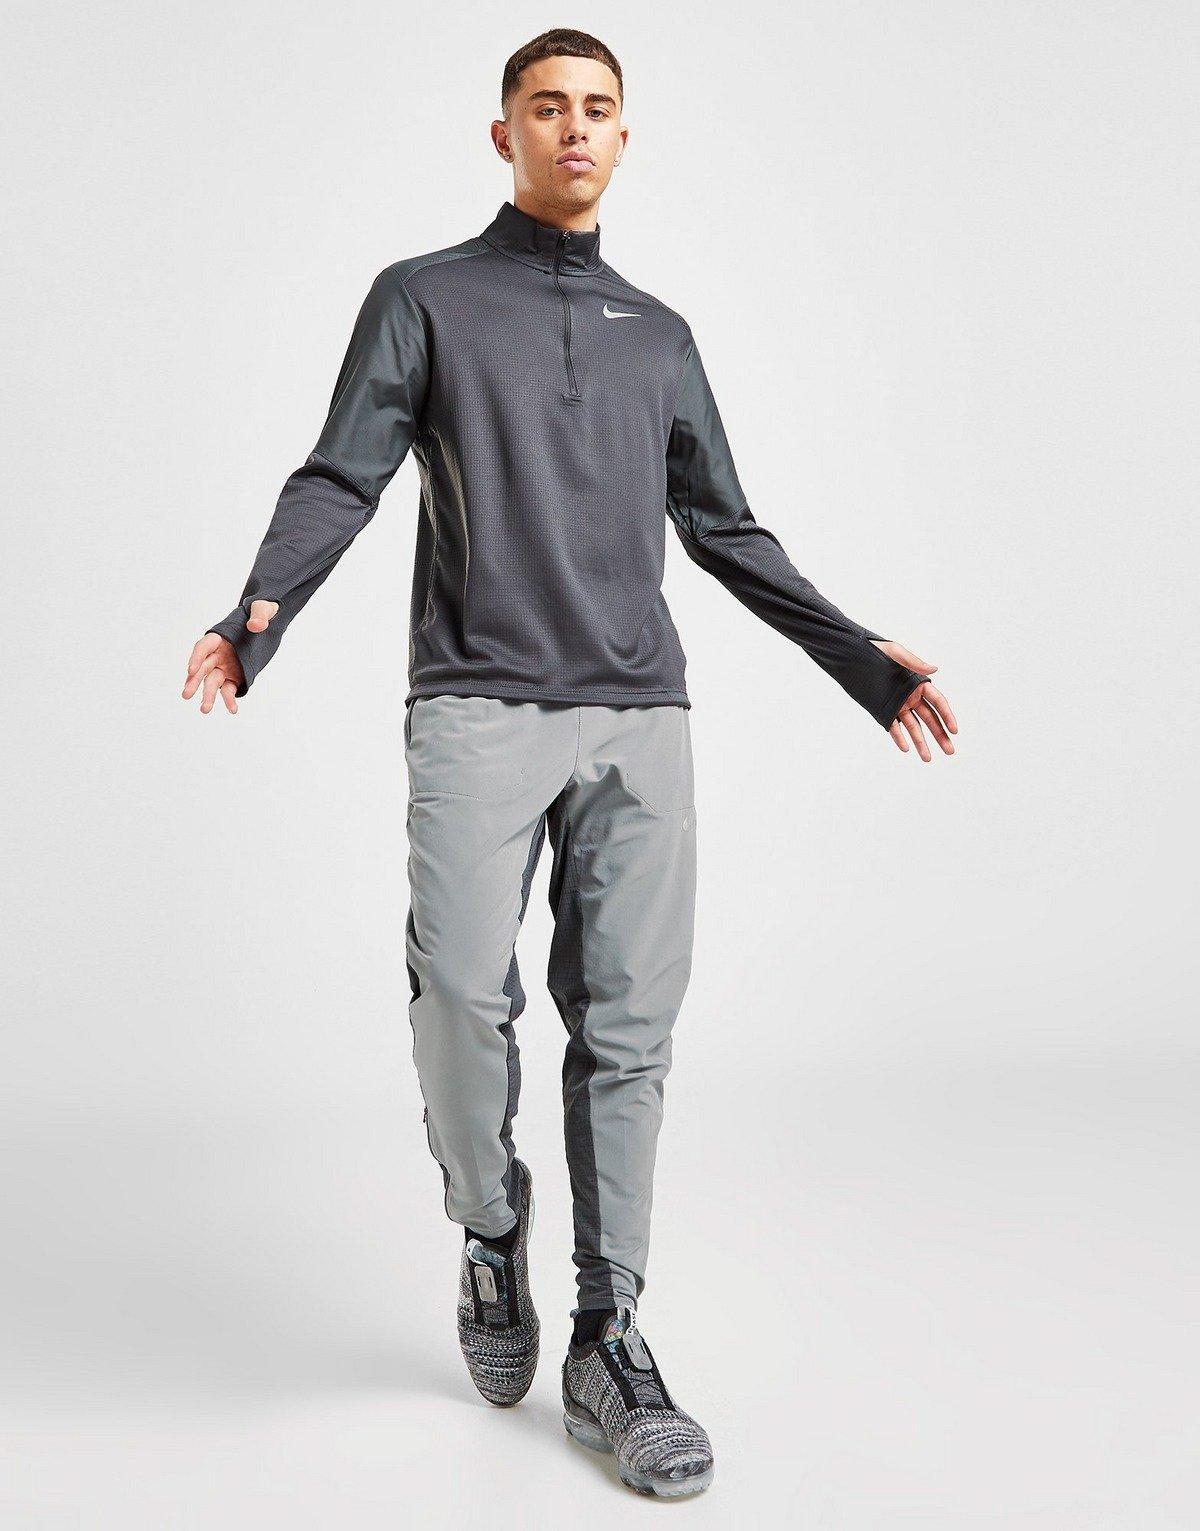 maglia tecnica e pantaloni Nike